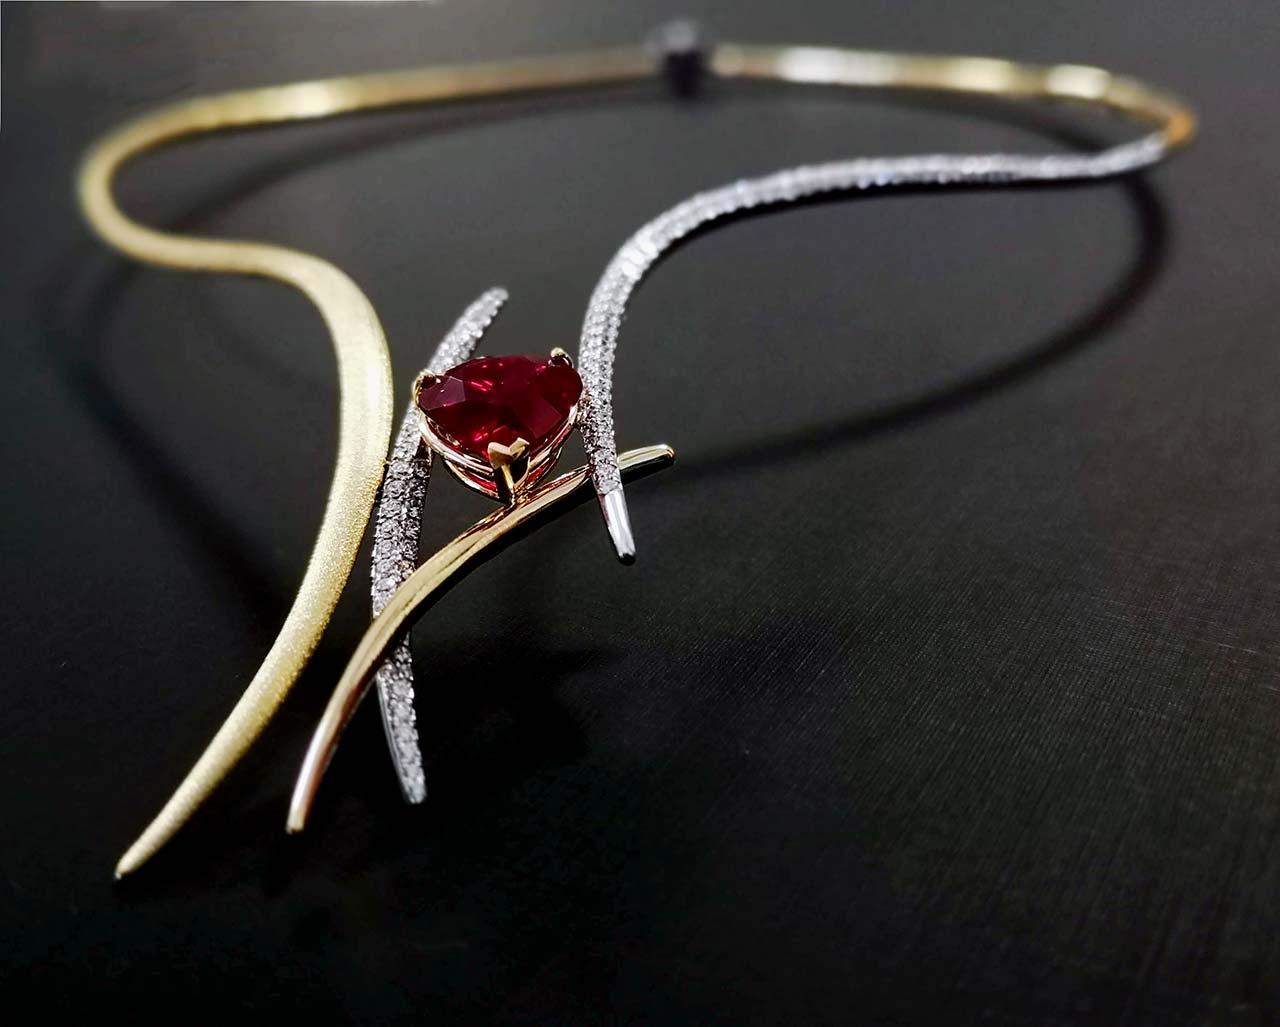 Kairos - design di gioiello realizzato dagli studenti ABA Cuneo - dettaglio